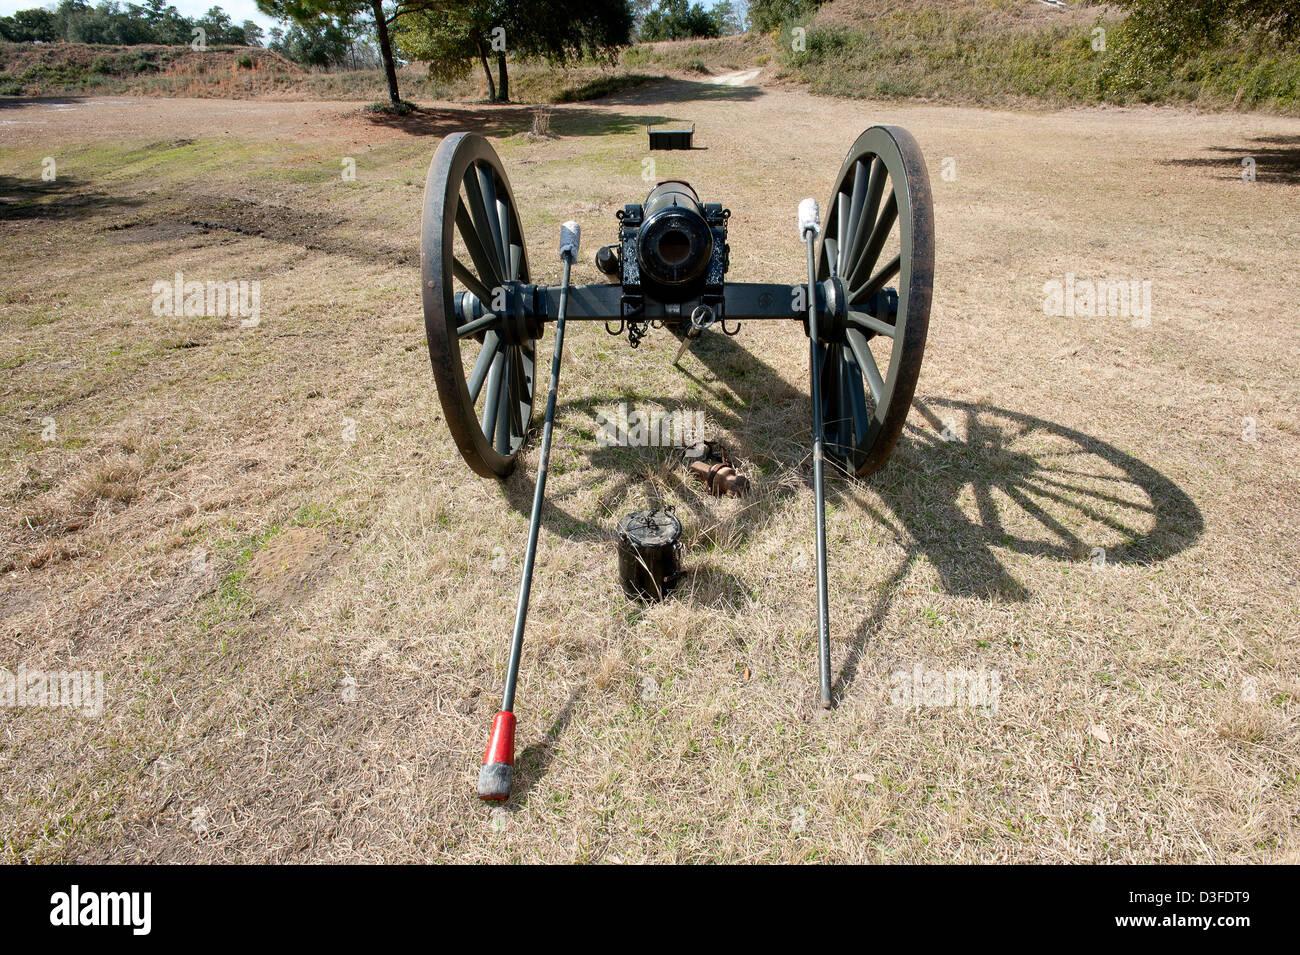 Civil War era cannon. - Stock Image